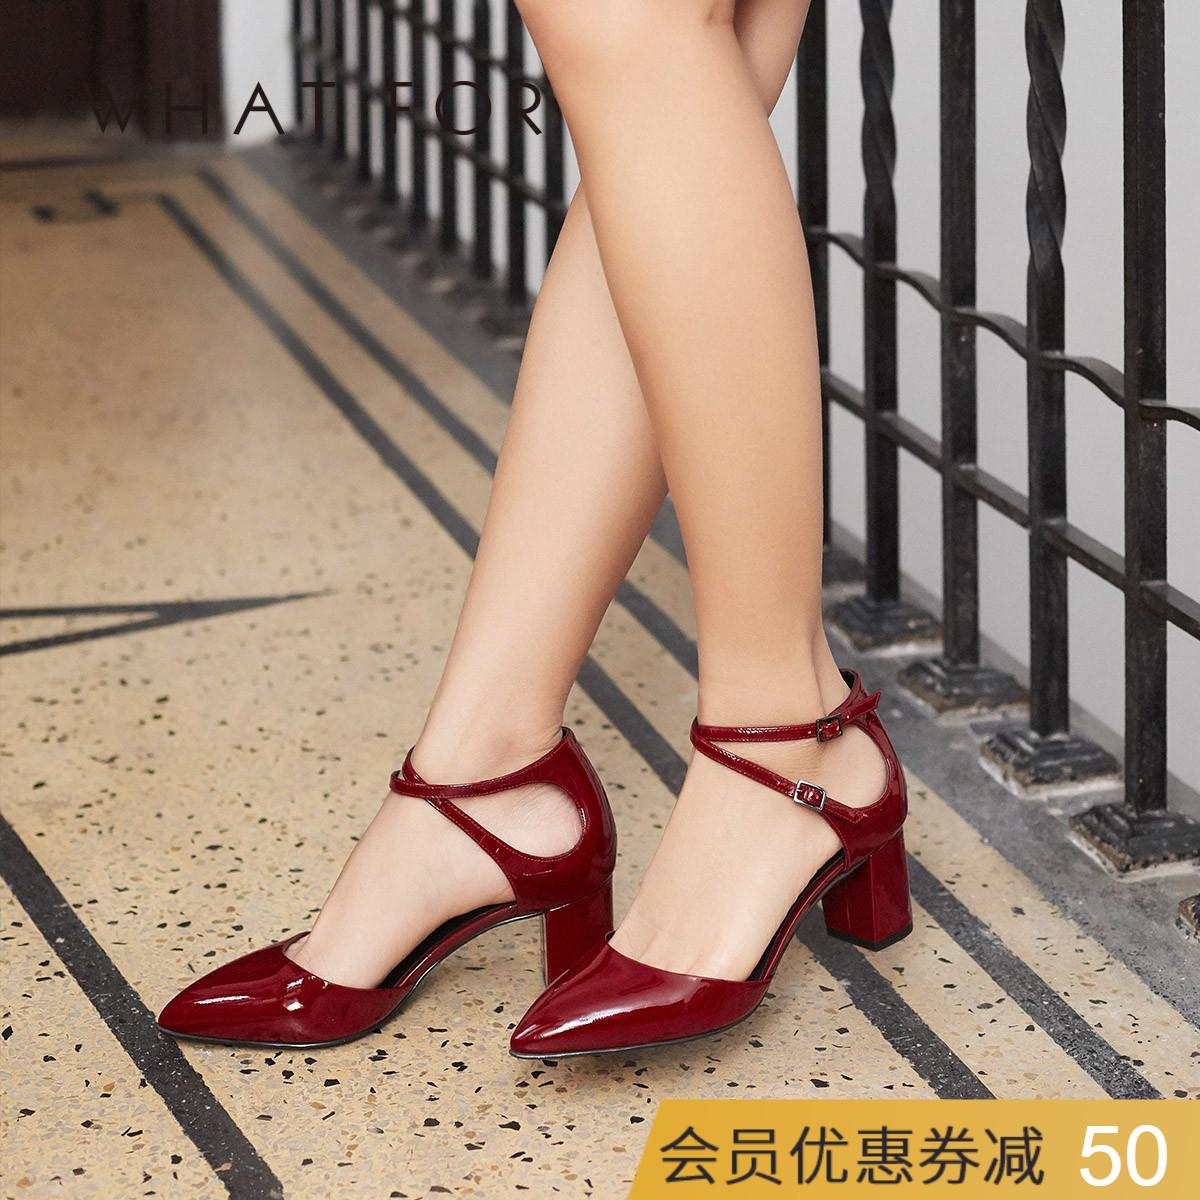 WHAT FOR夏季季女士玛丽珍牛皮单鞋高跟粗跟鞋浅口尖头百搭半凉鞋